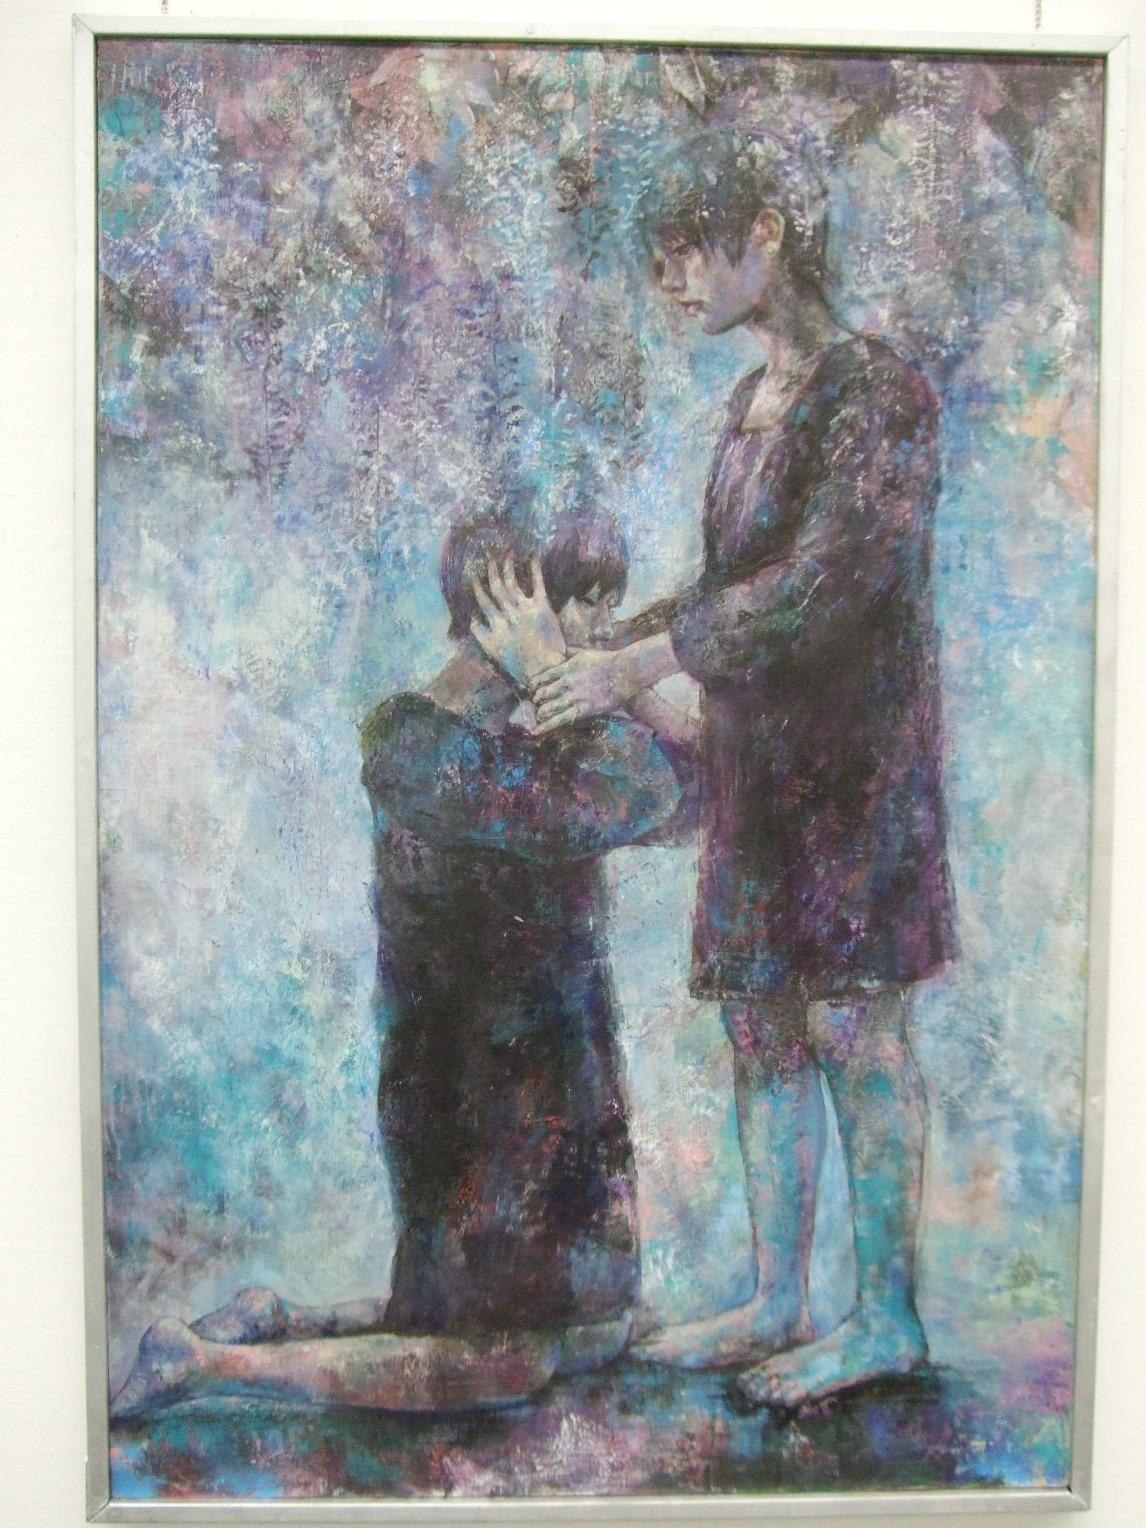 1291) 市民ギャラリー 「七月展 (道教育大自主作品展)」 7月7日(水)~7月11日(日)  _f0126829_1556085.jpg